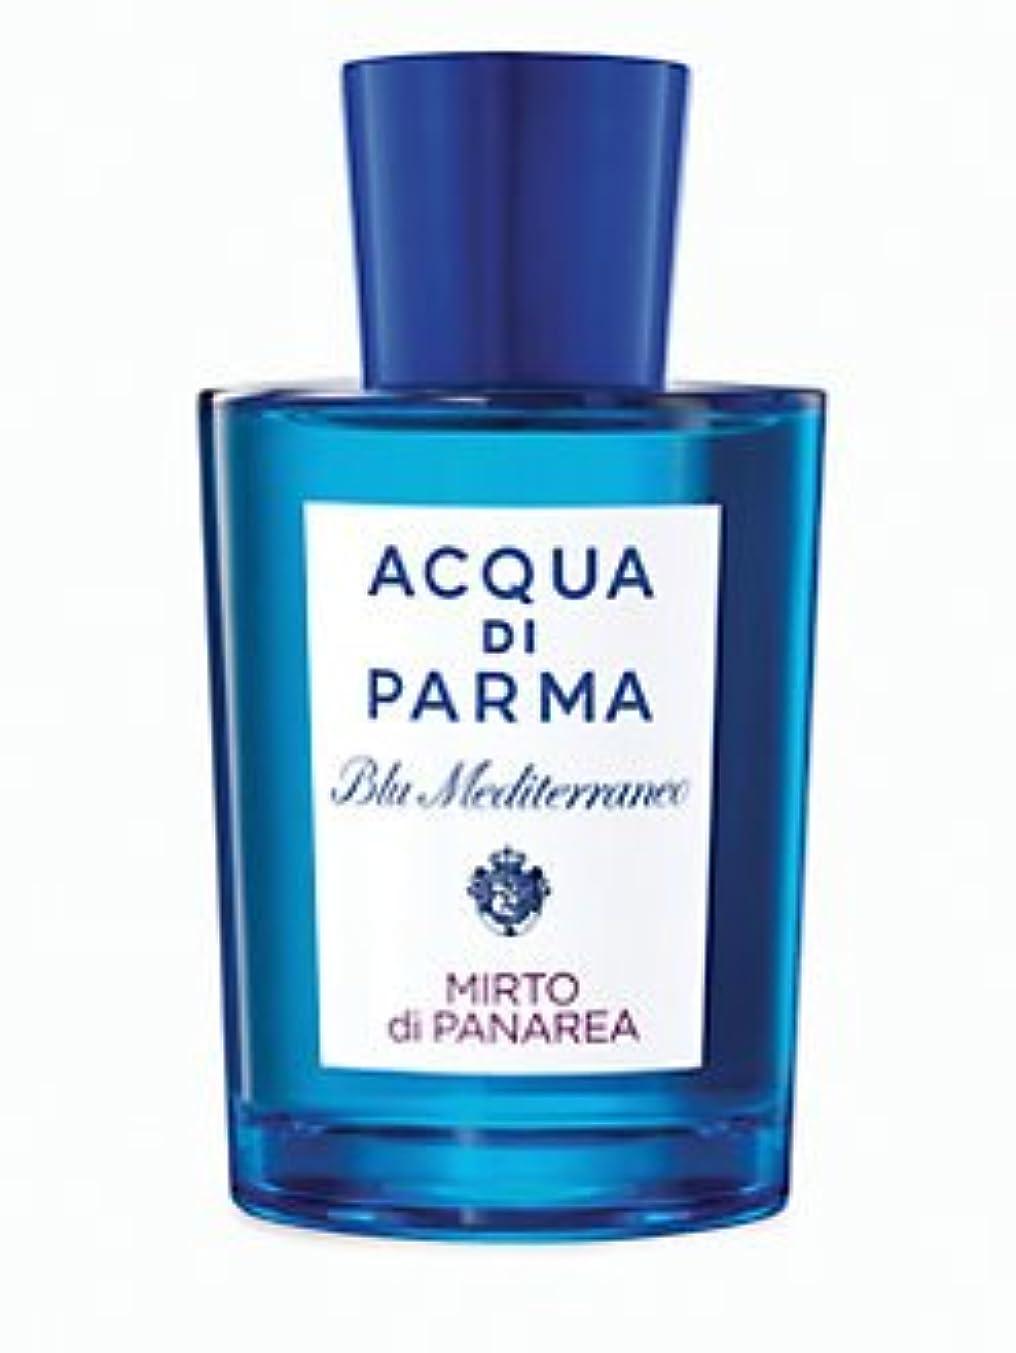 クロニクル王女お父さんBlu Mediterraneo Mirto di Panarea (ブルー メディタレーネオ ミルト ディ パナレア) 5.0 oz (150ml) EDT Spray by Acqua di Parma